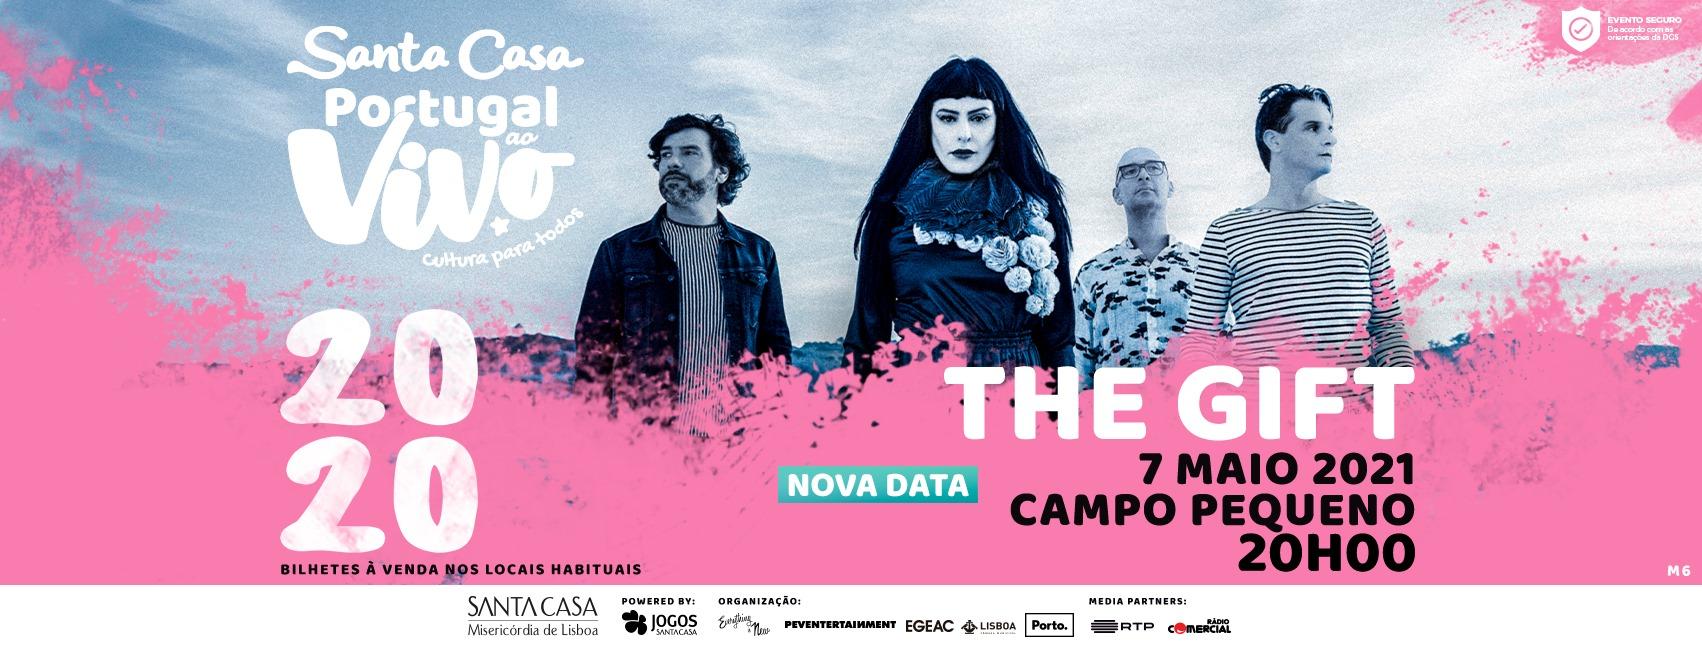 NOVA DATA: THE GIFT - SANTA CASA PORTUGAL AO VIVO